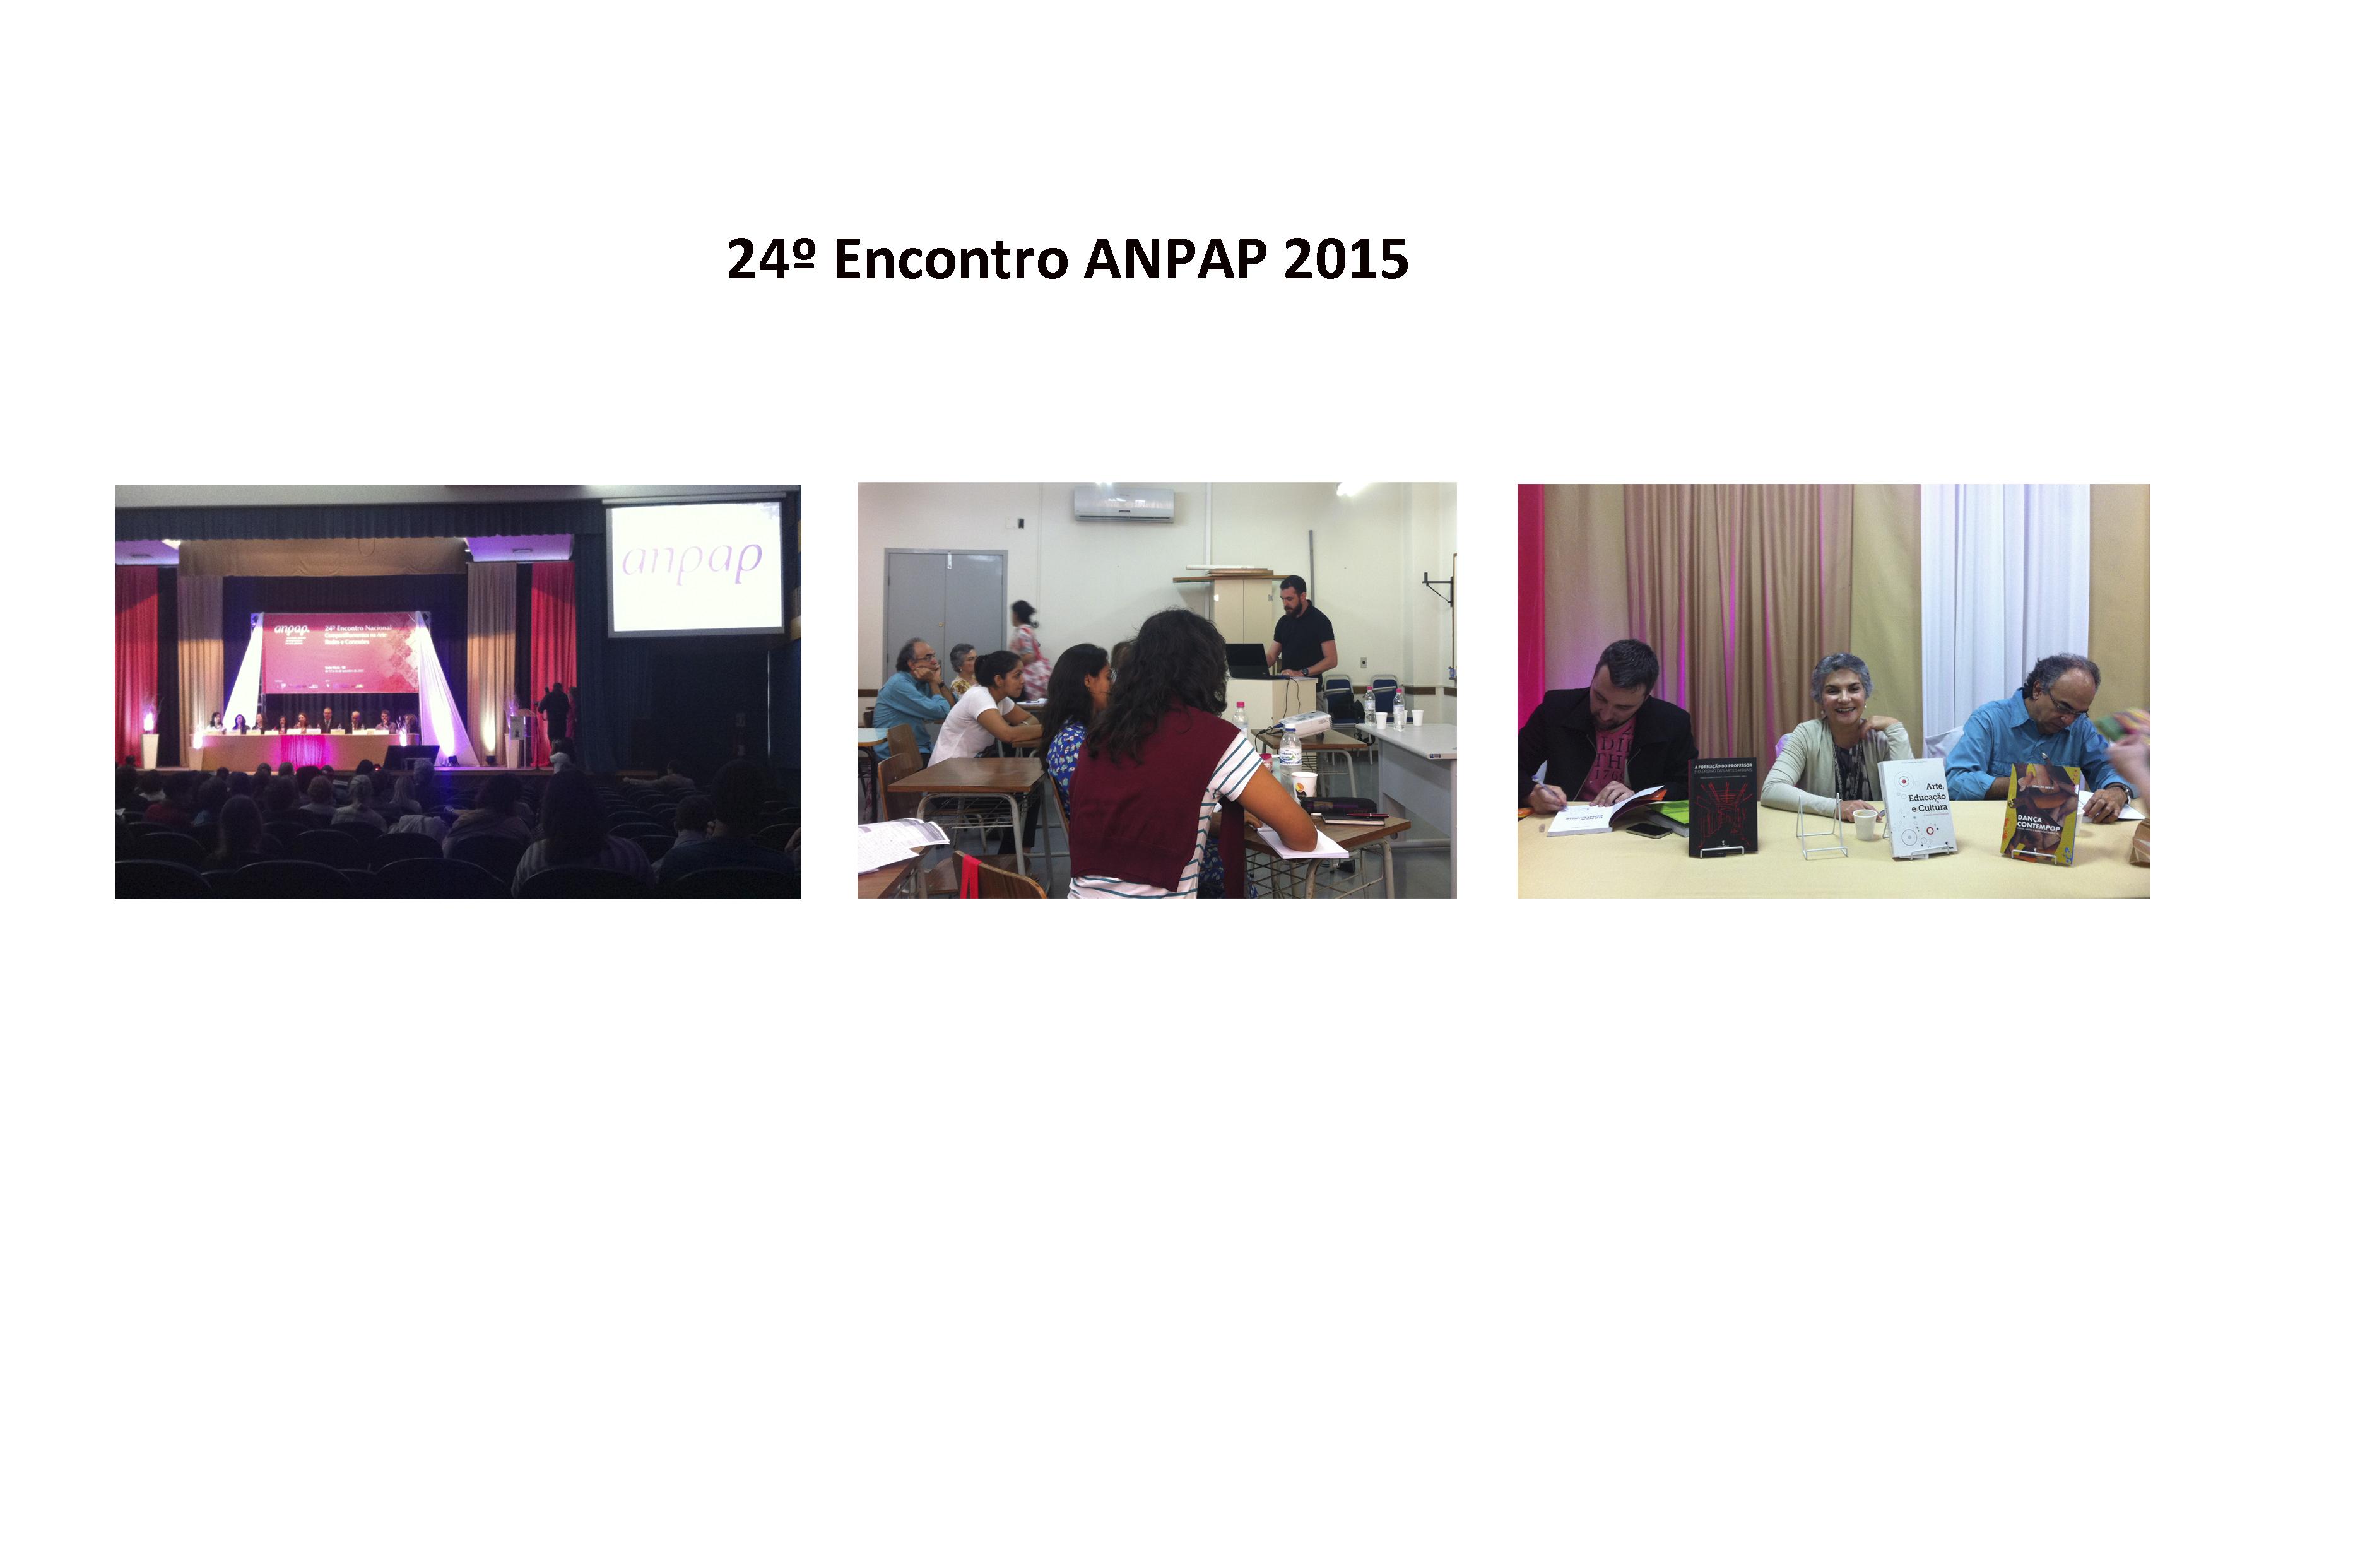 Anpap